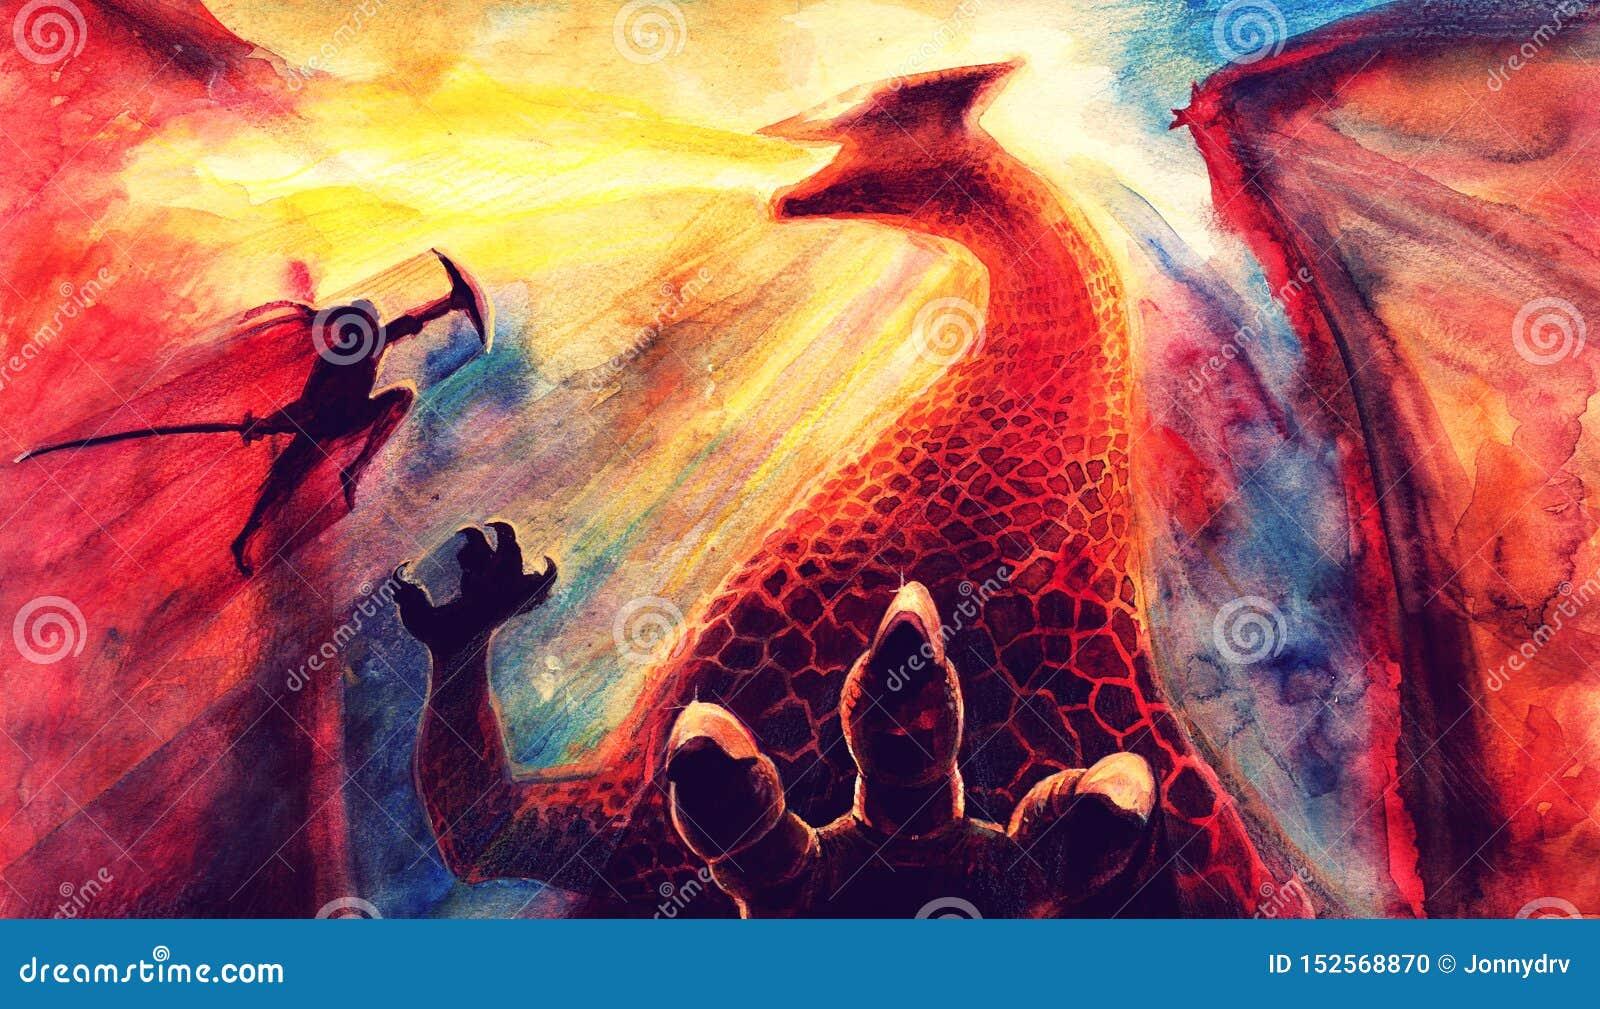 Le Paysage De Peinture D Aquarelle D Imagination Avec Le Dragon Et La Bataille Samourai Japonaise Art Tire Par La Main D Imagina Illustration Stock Illustration Du Japonaise Tire 152568870